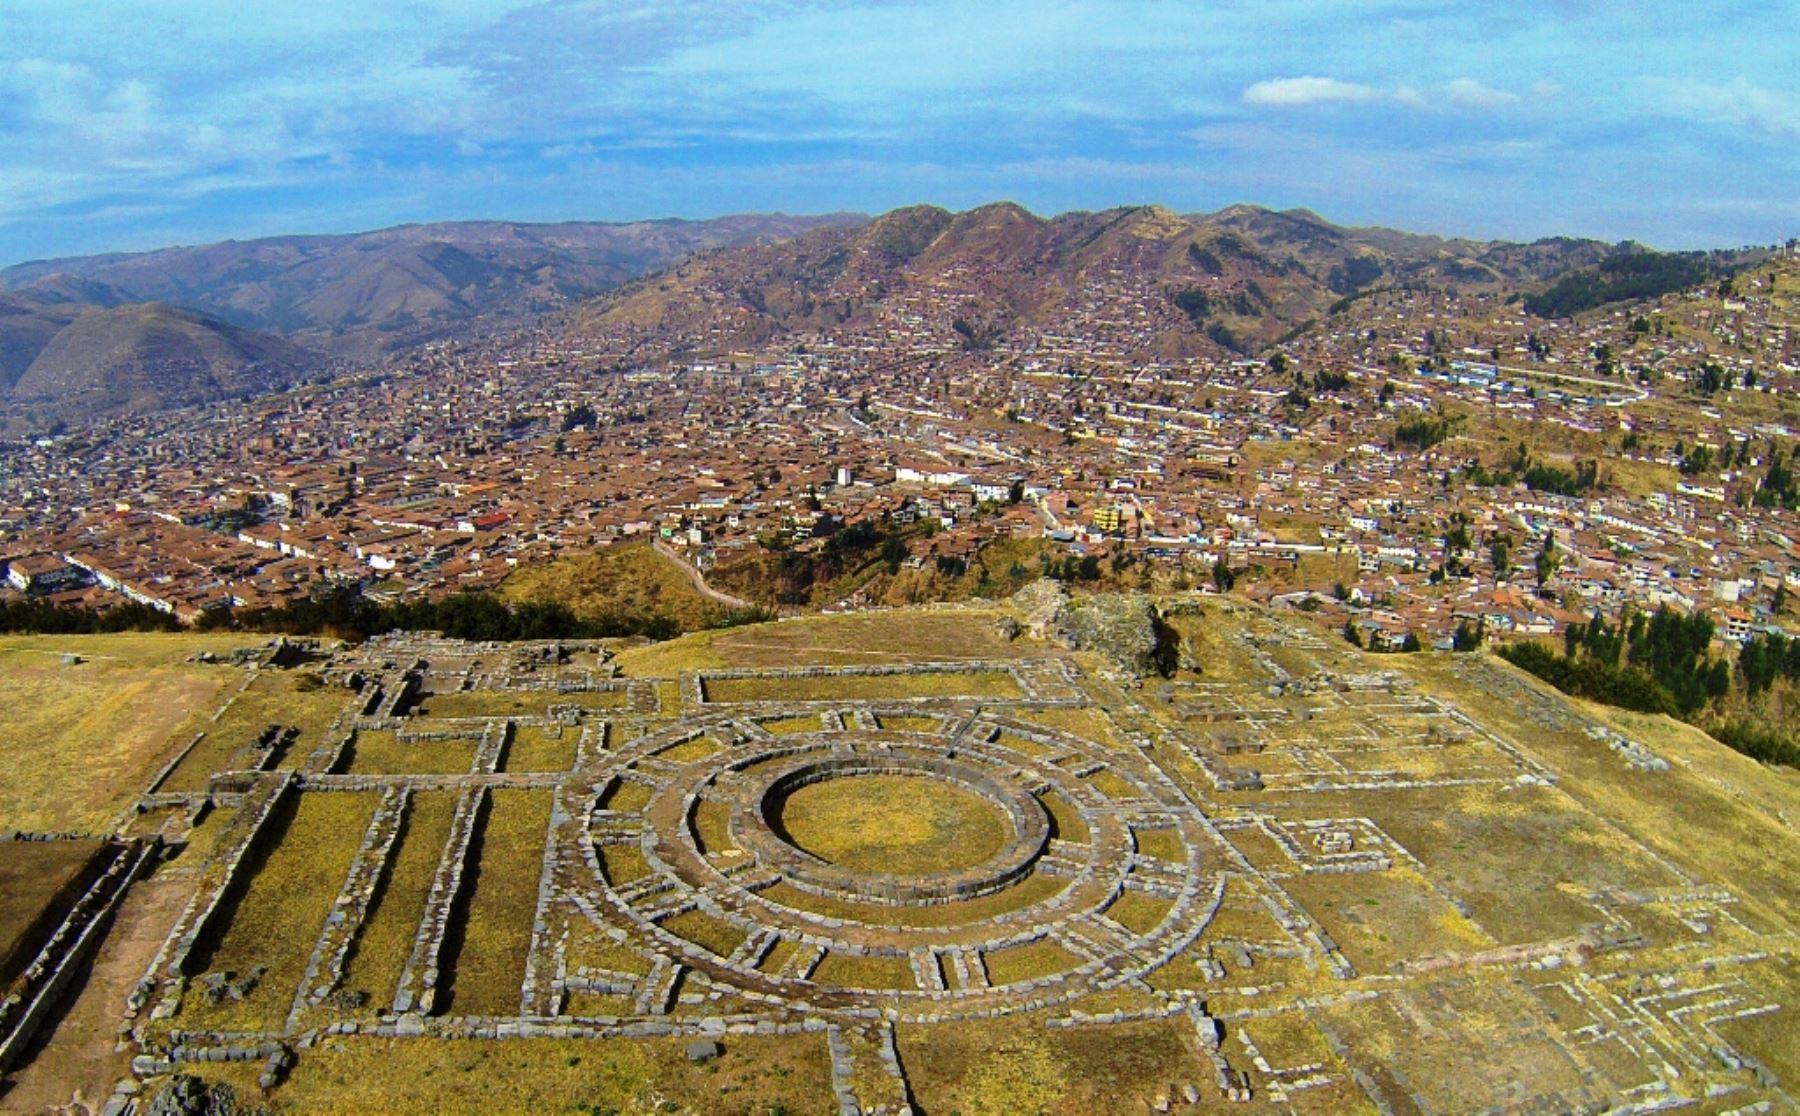 Monumentos arqueológicos de Cusco están protegidos ante El Niño. Foto: ANDINA/Difusión.